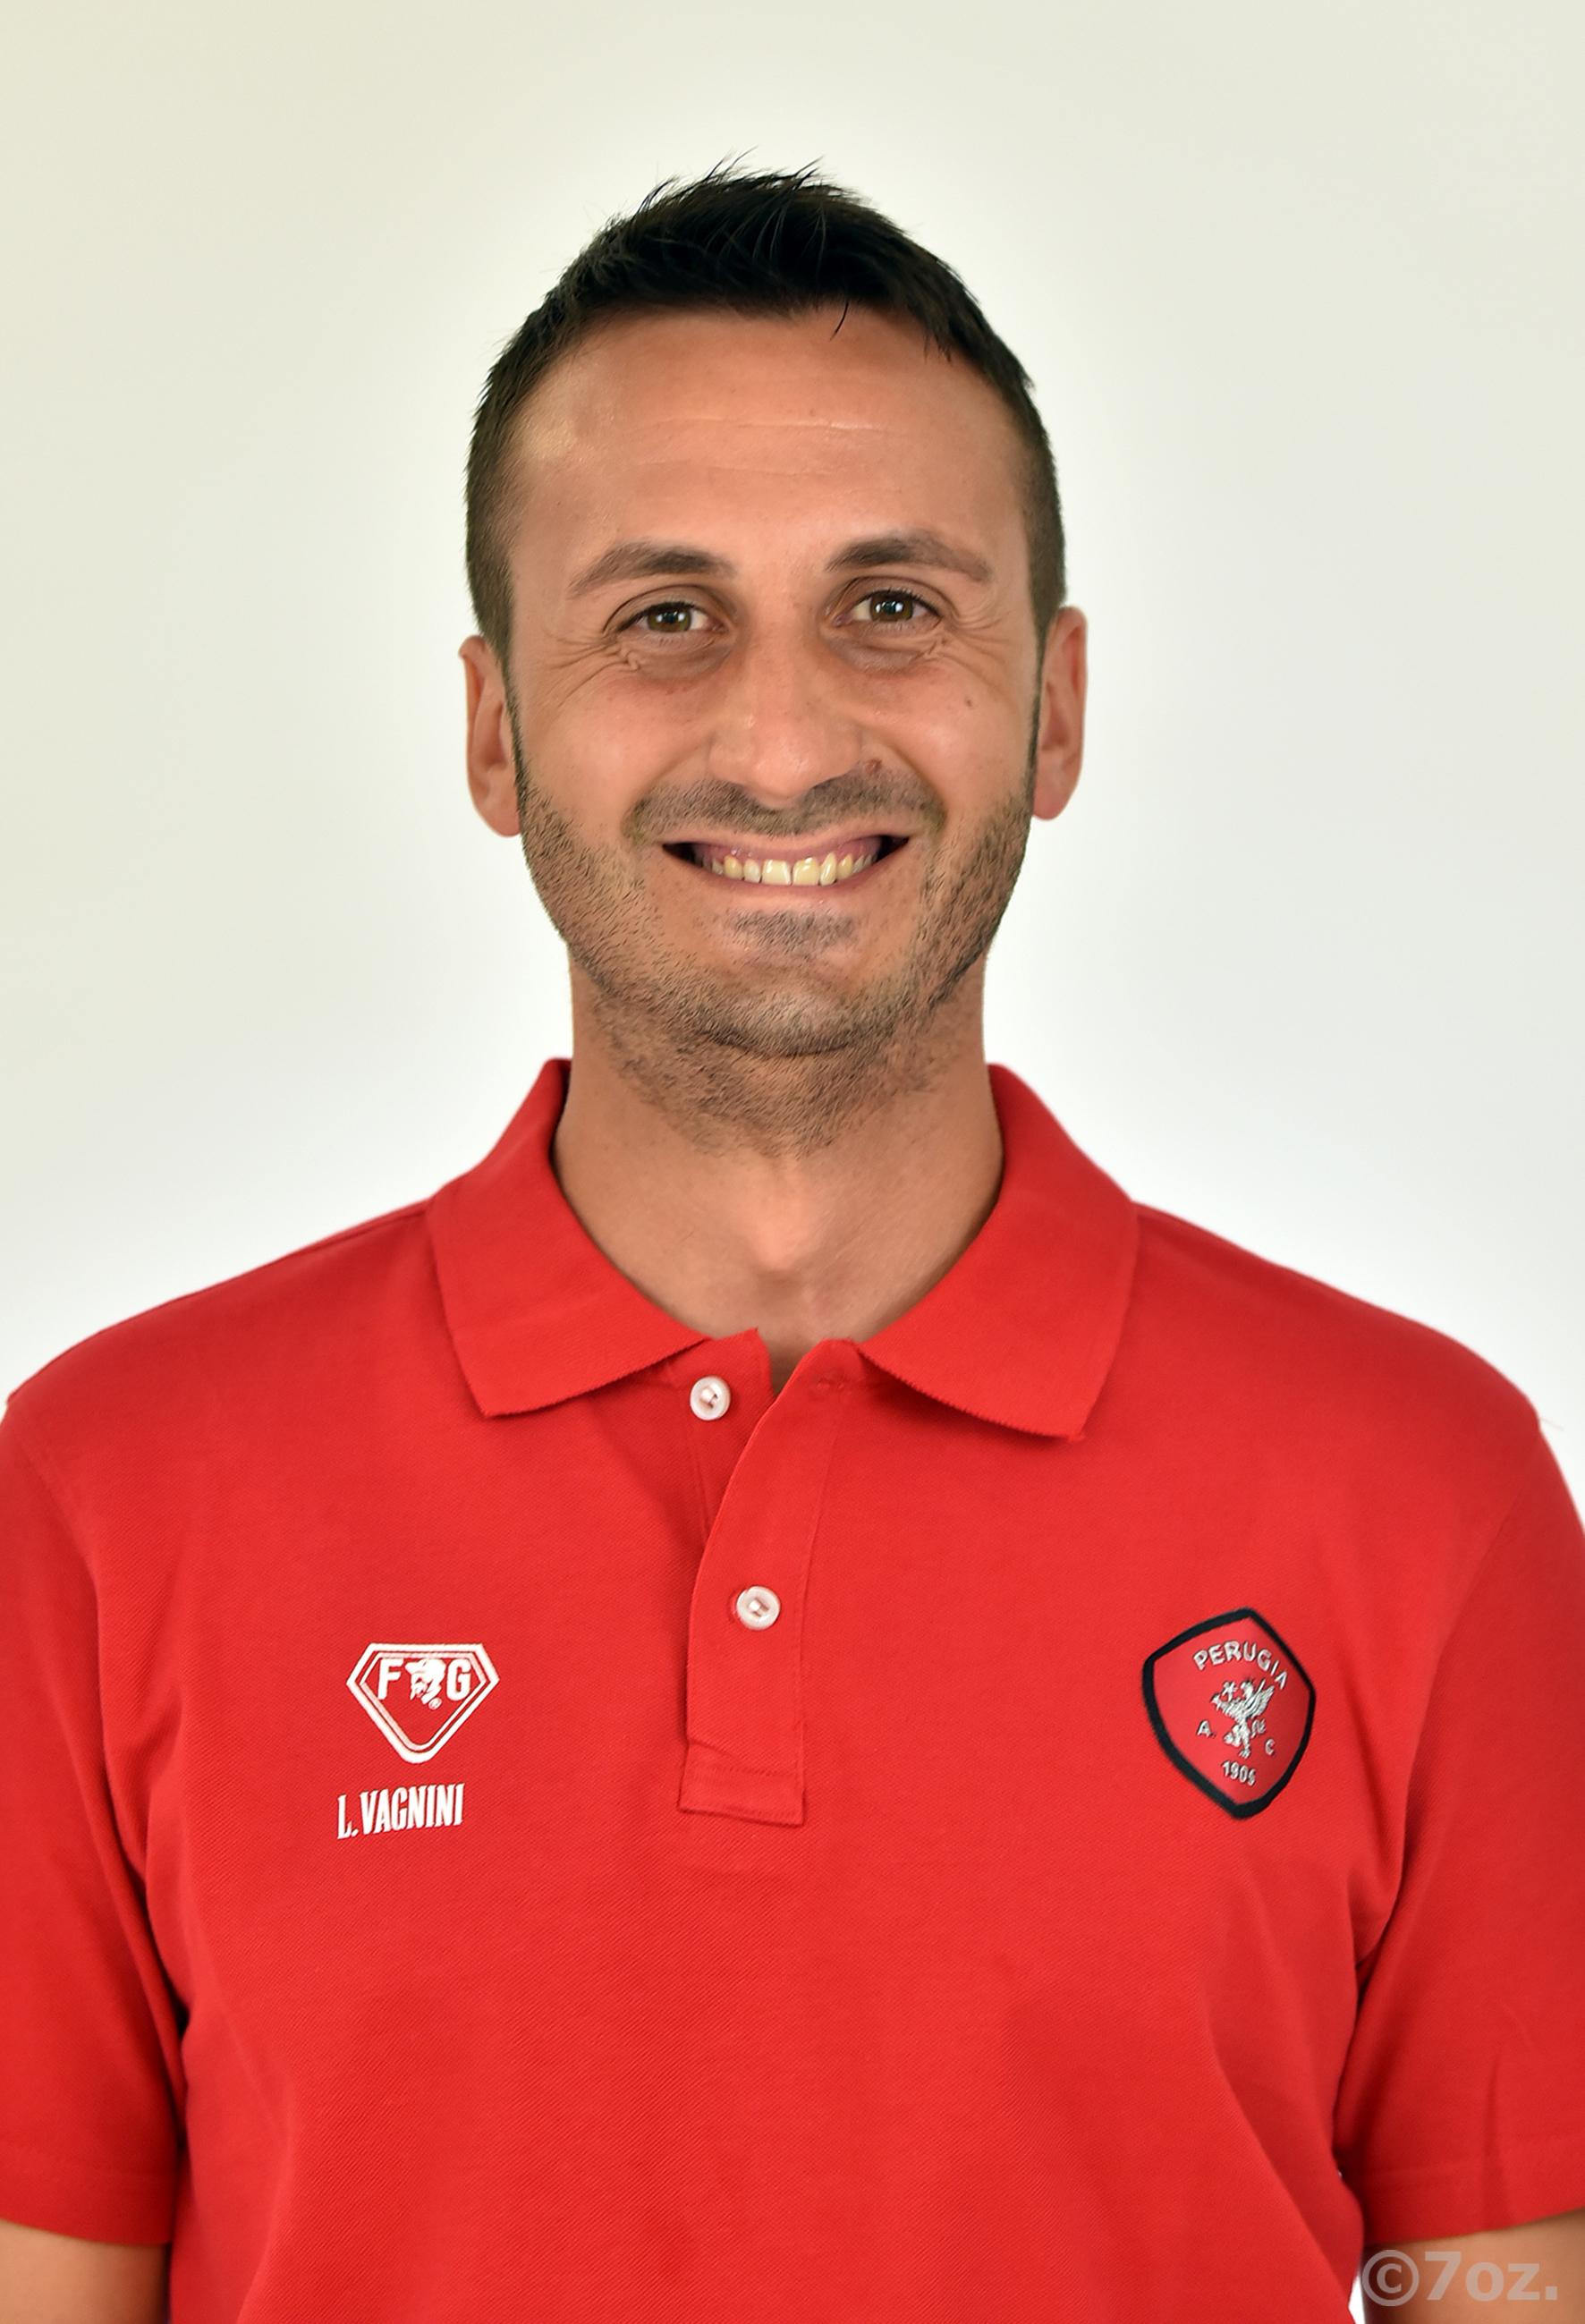 Lorenzo Vagnini- A.C. Perugia Calcio